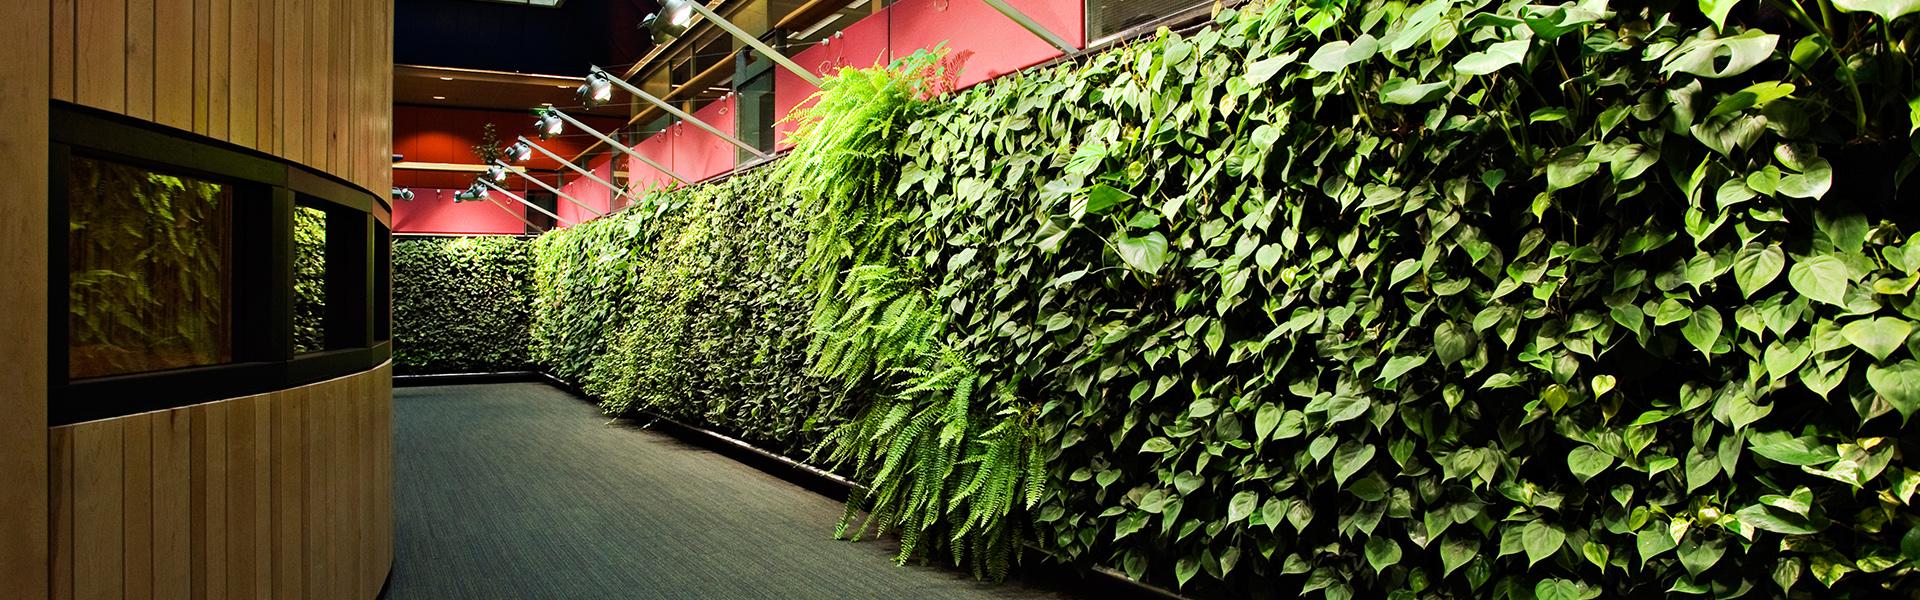 植物墙帮助减少能源的消耗